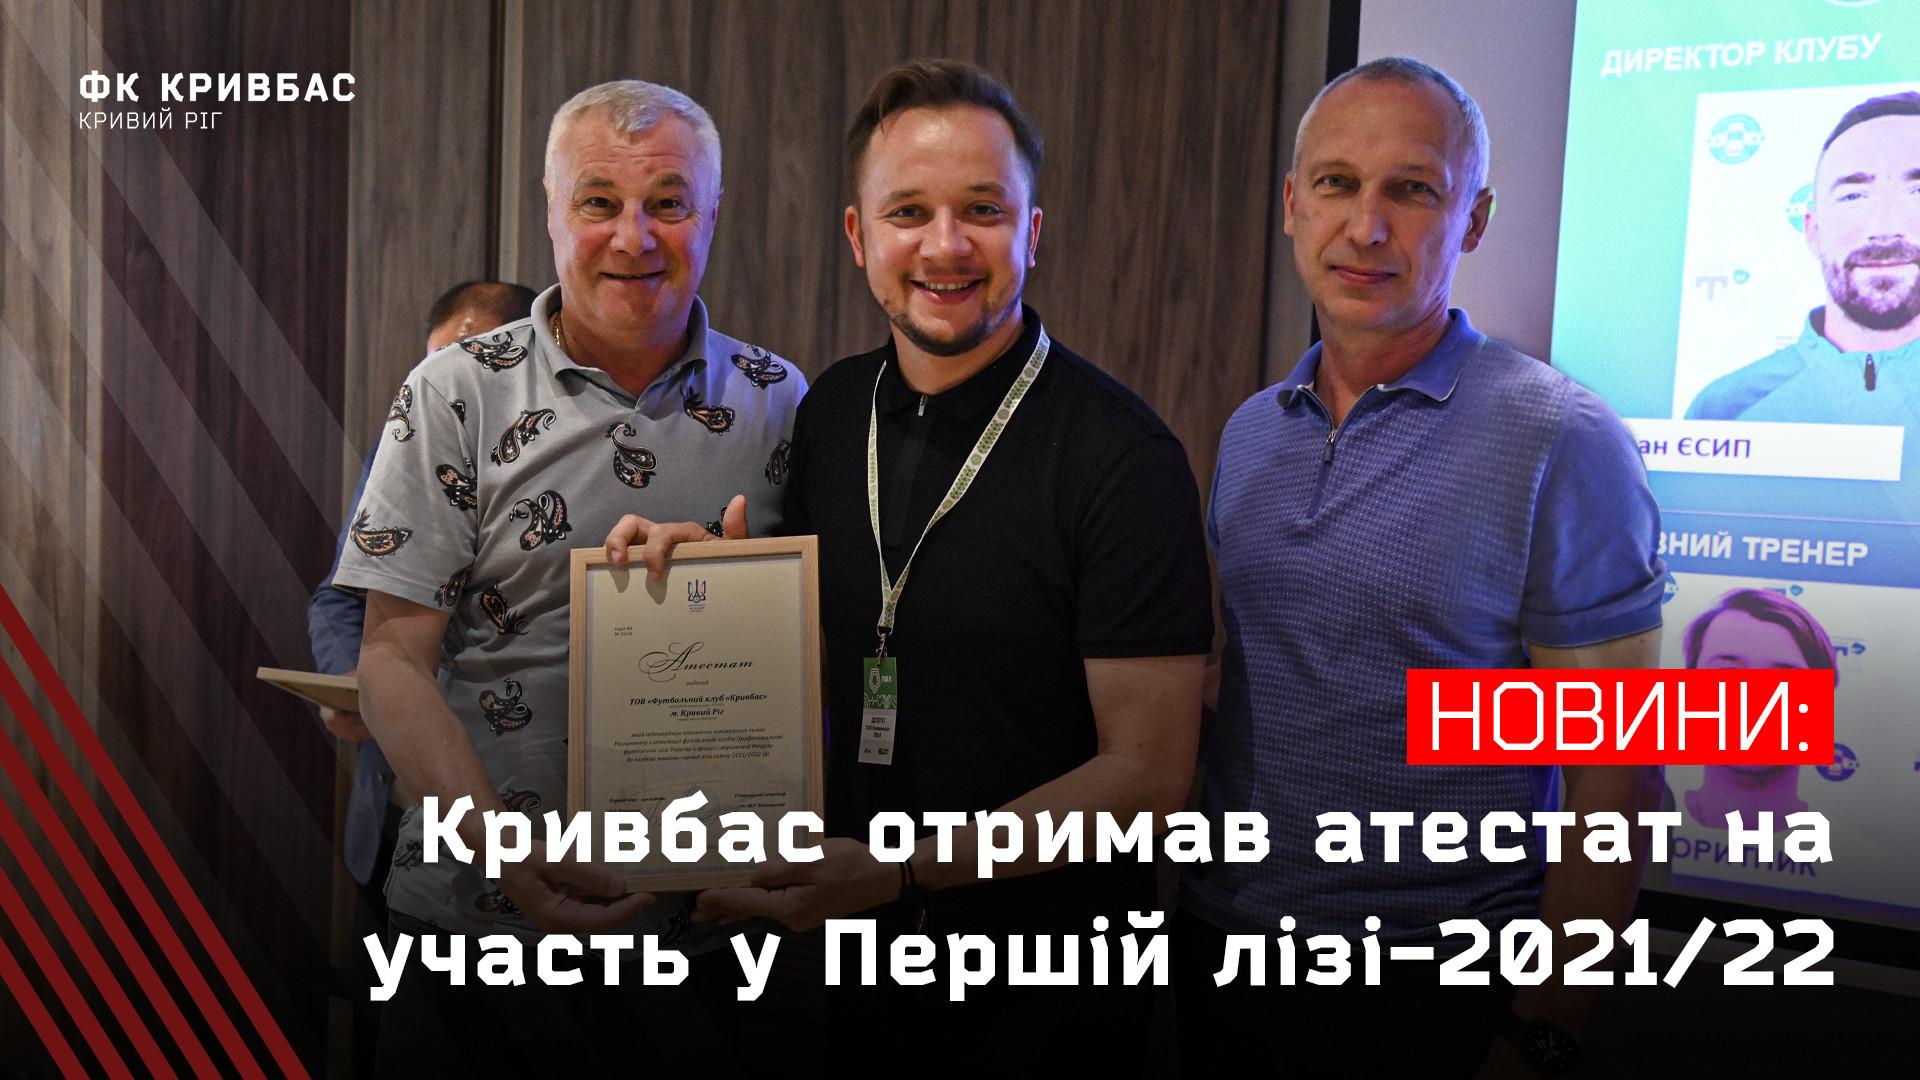 """ФК """"Кривбас"""" отримав атестат на участь у Першій лізі-2021/22}"""